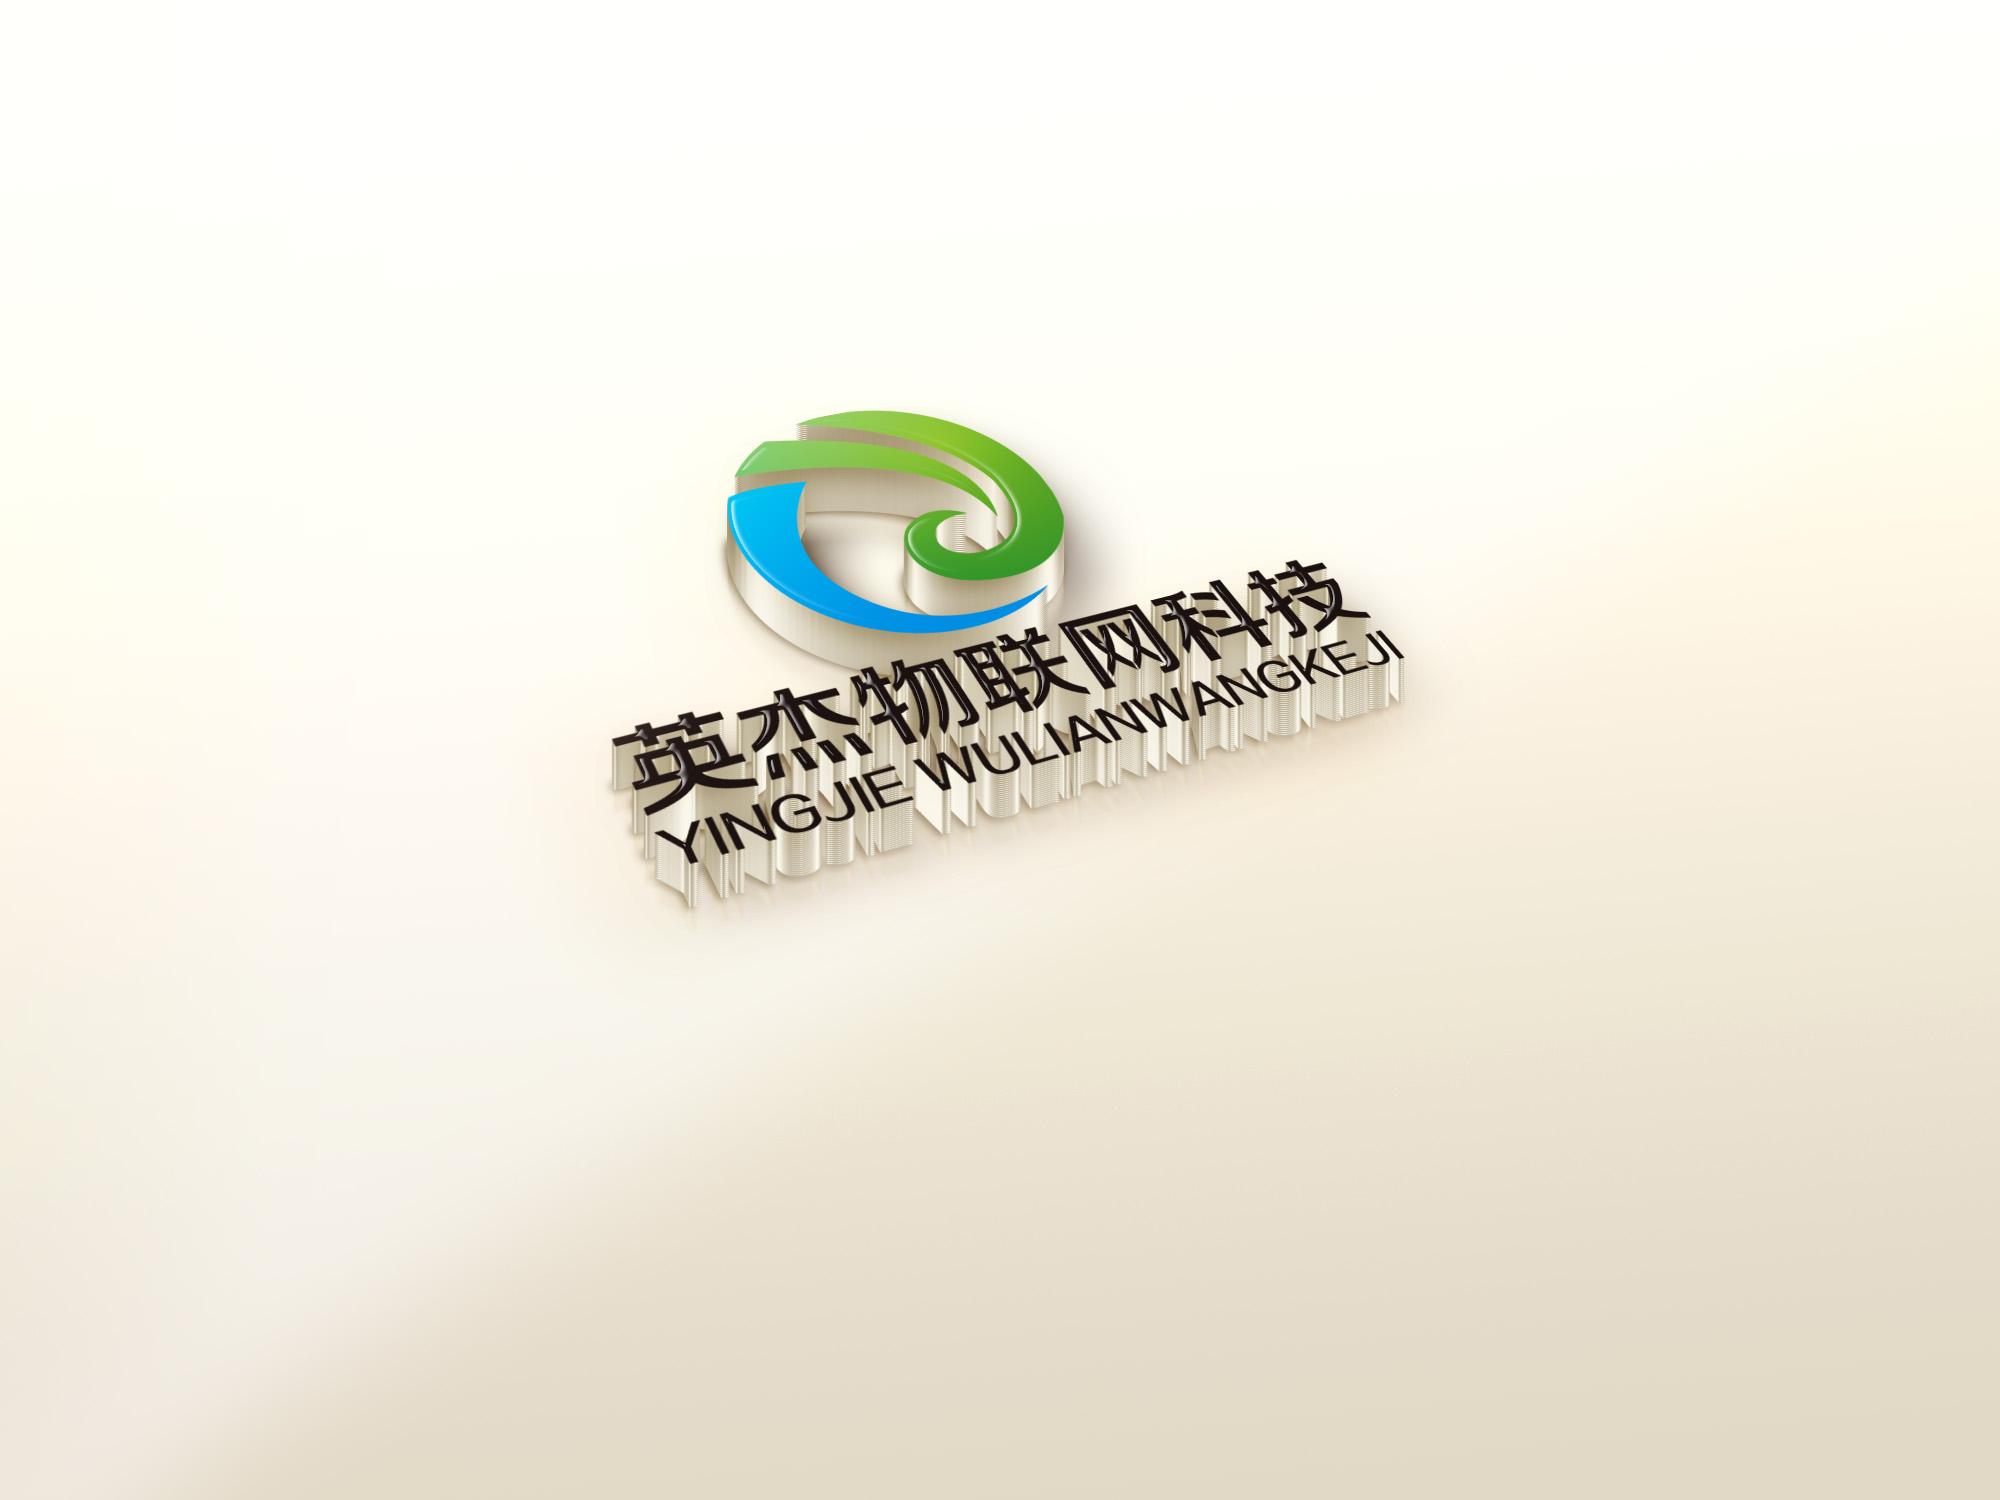 物联网科技公司logo设计